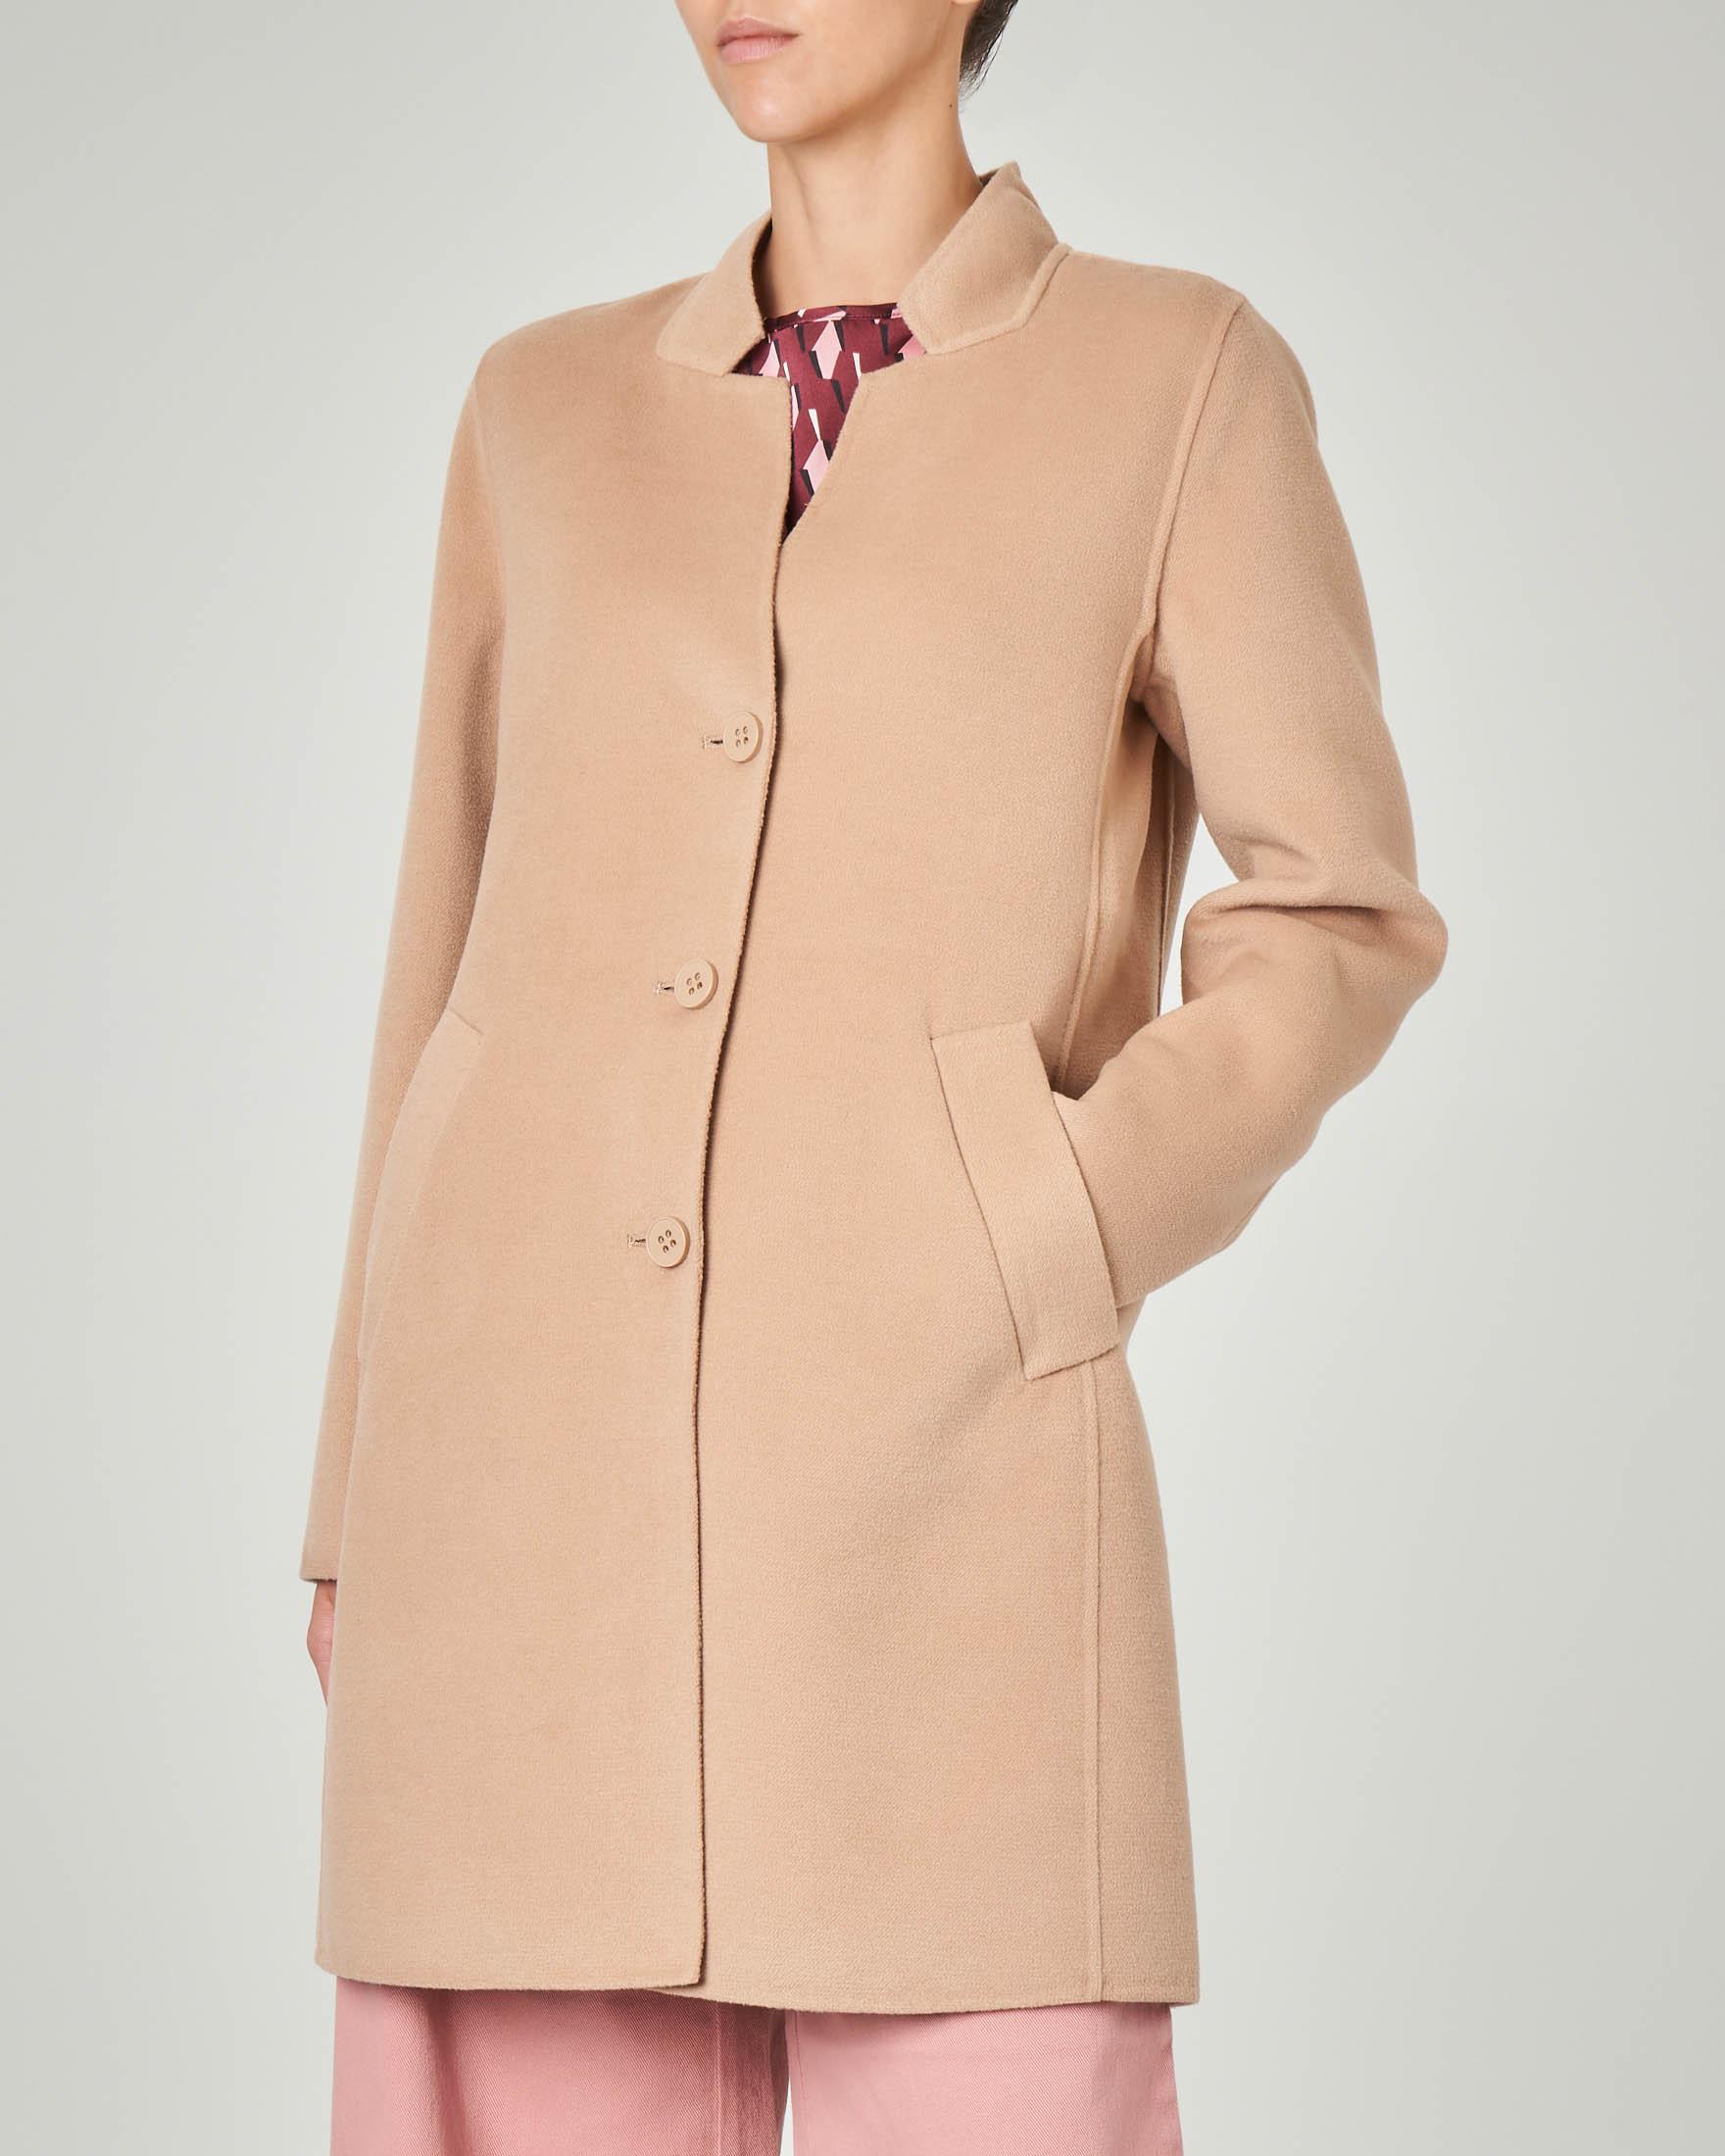 Cappotto in panno color cammello con collo in piedi